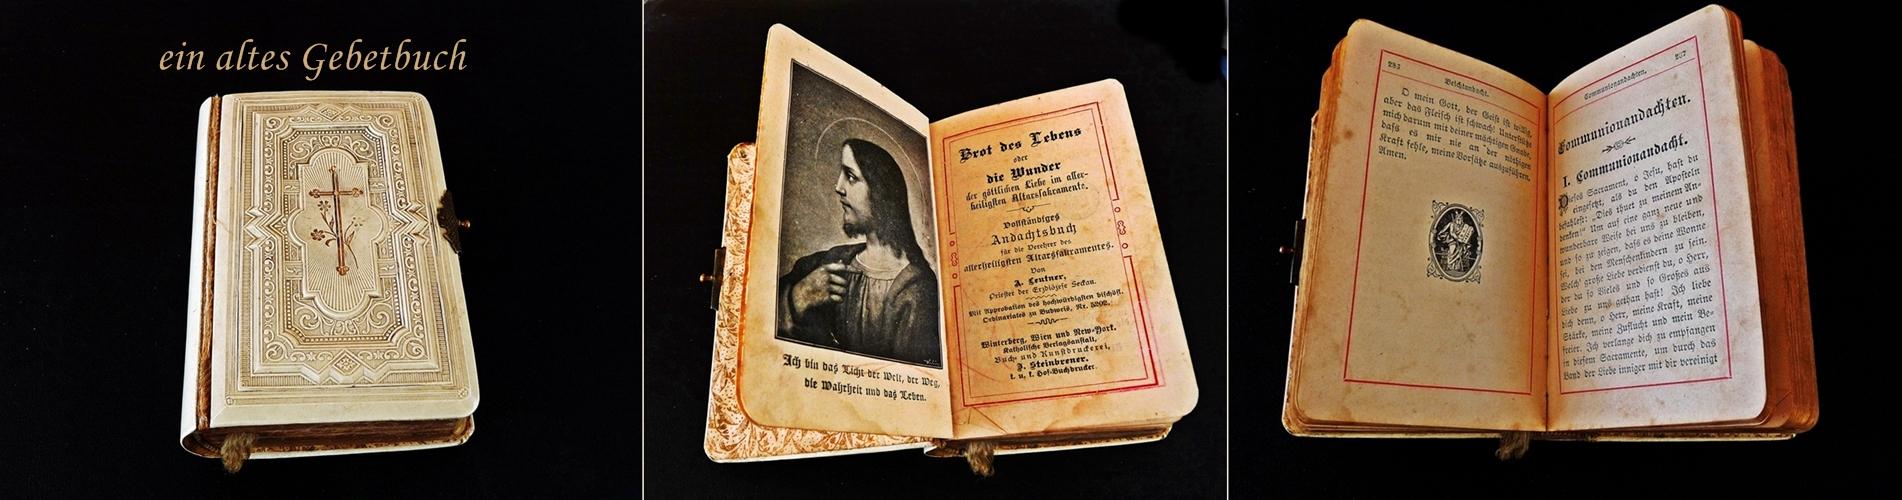 ein altes Gebetbuch